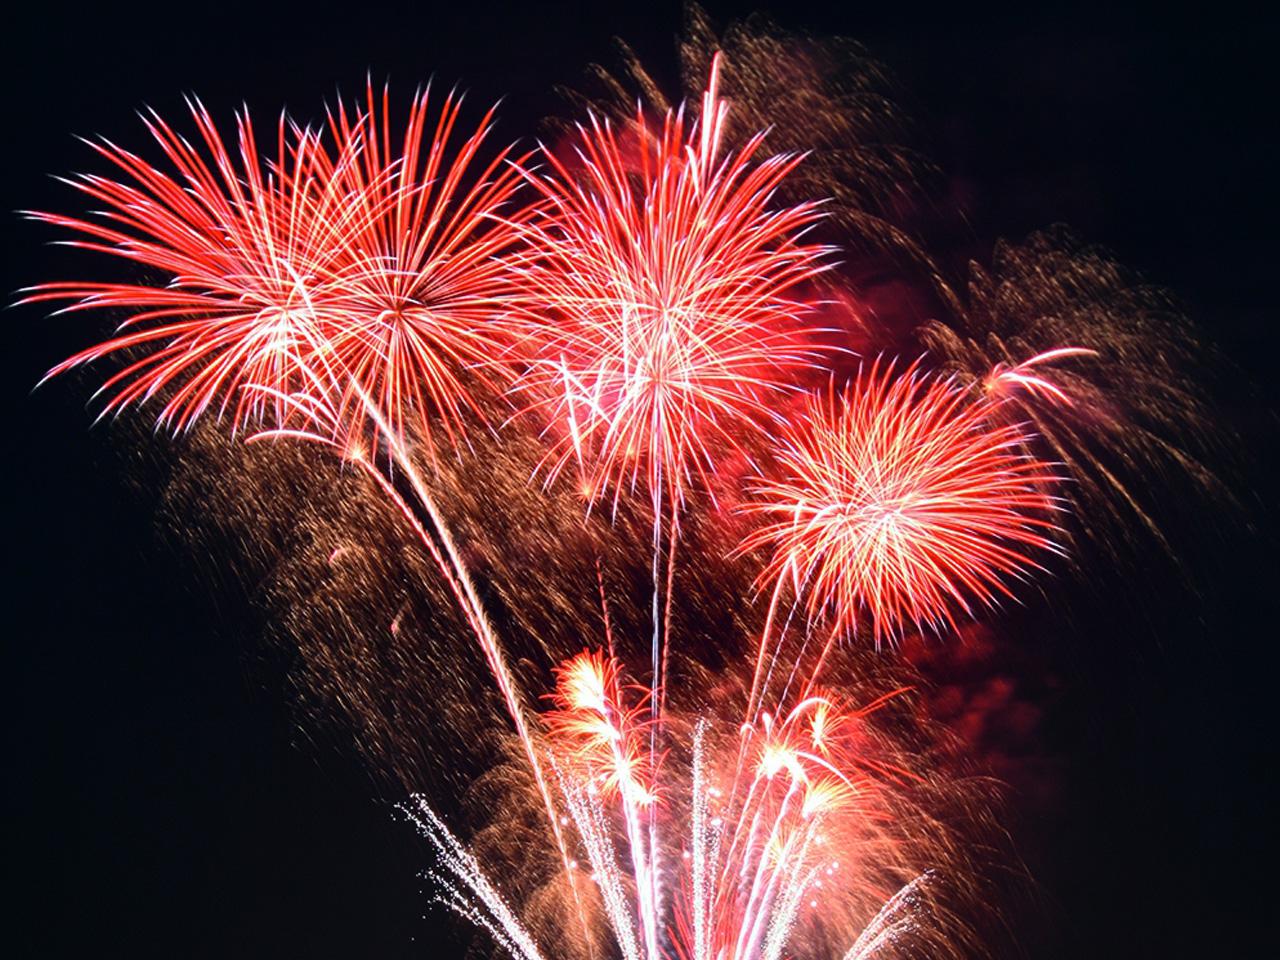 rotes Feuerwerk in dunkler Nacht